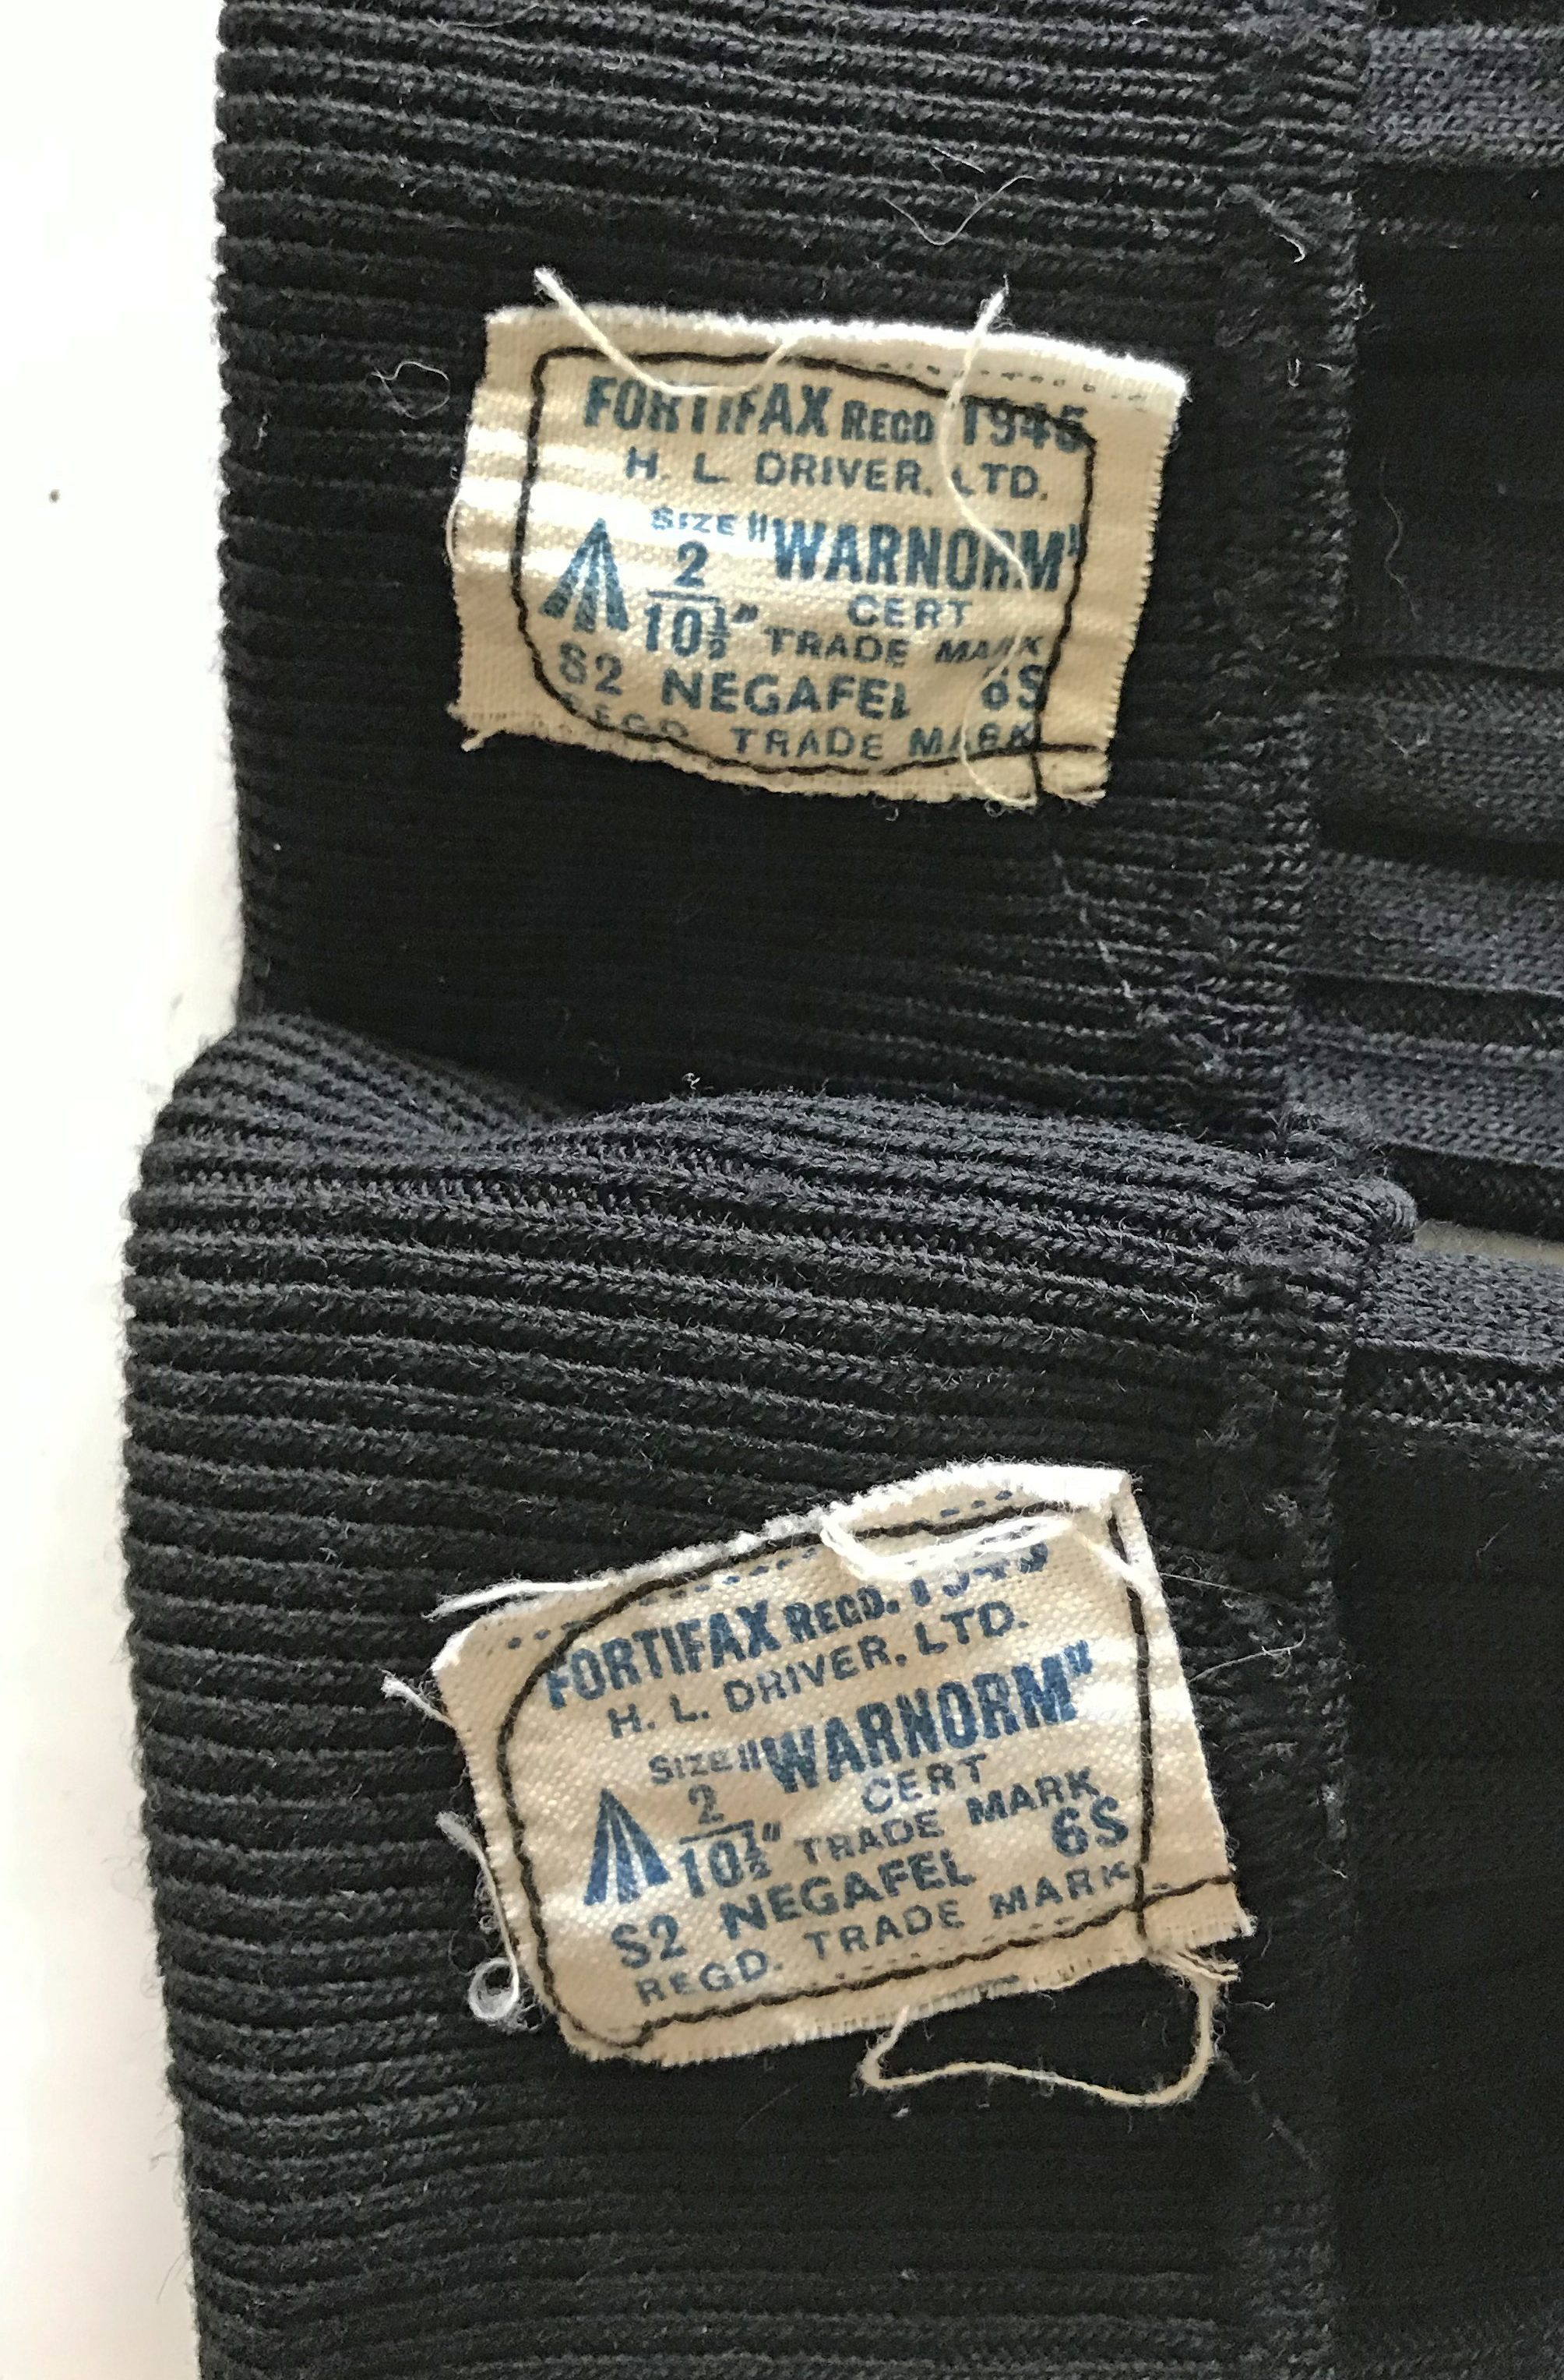 RAF uniform socks dated 1945